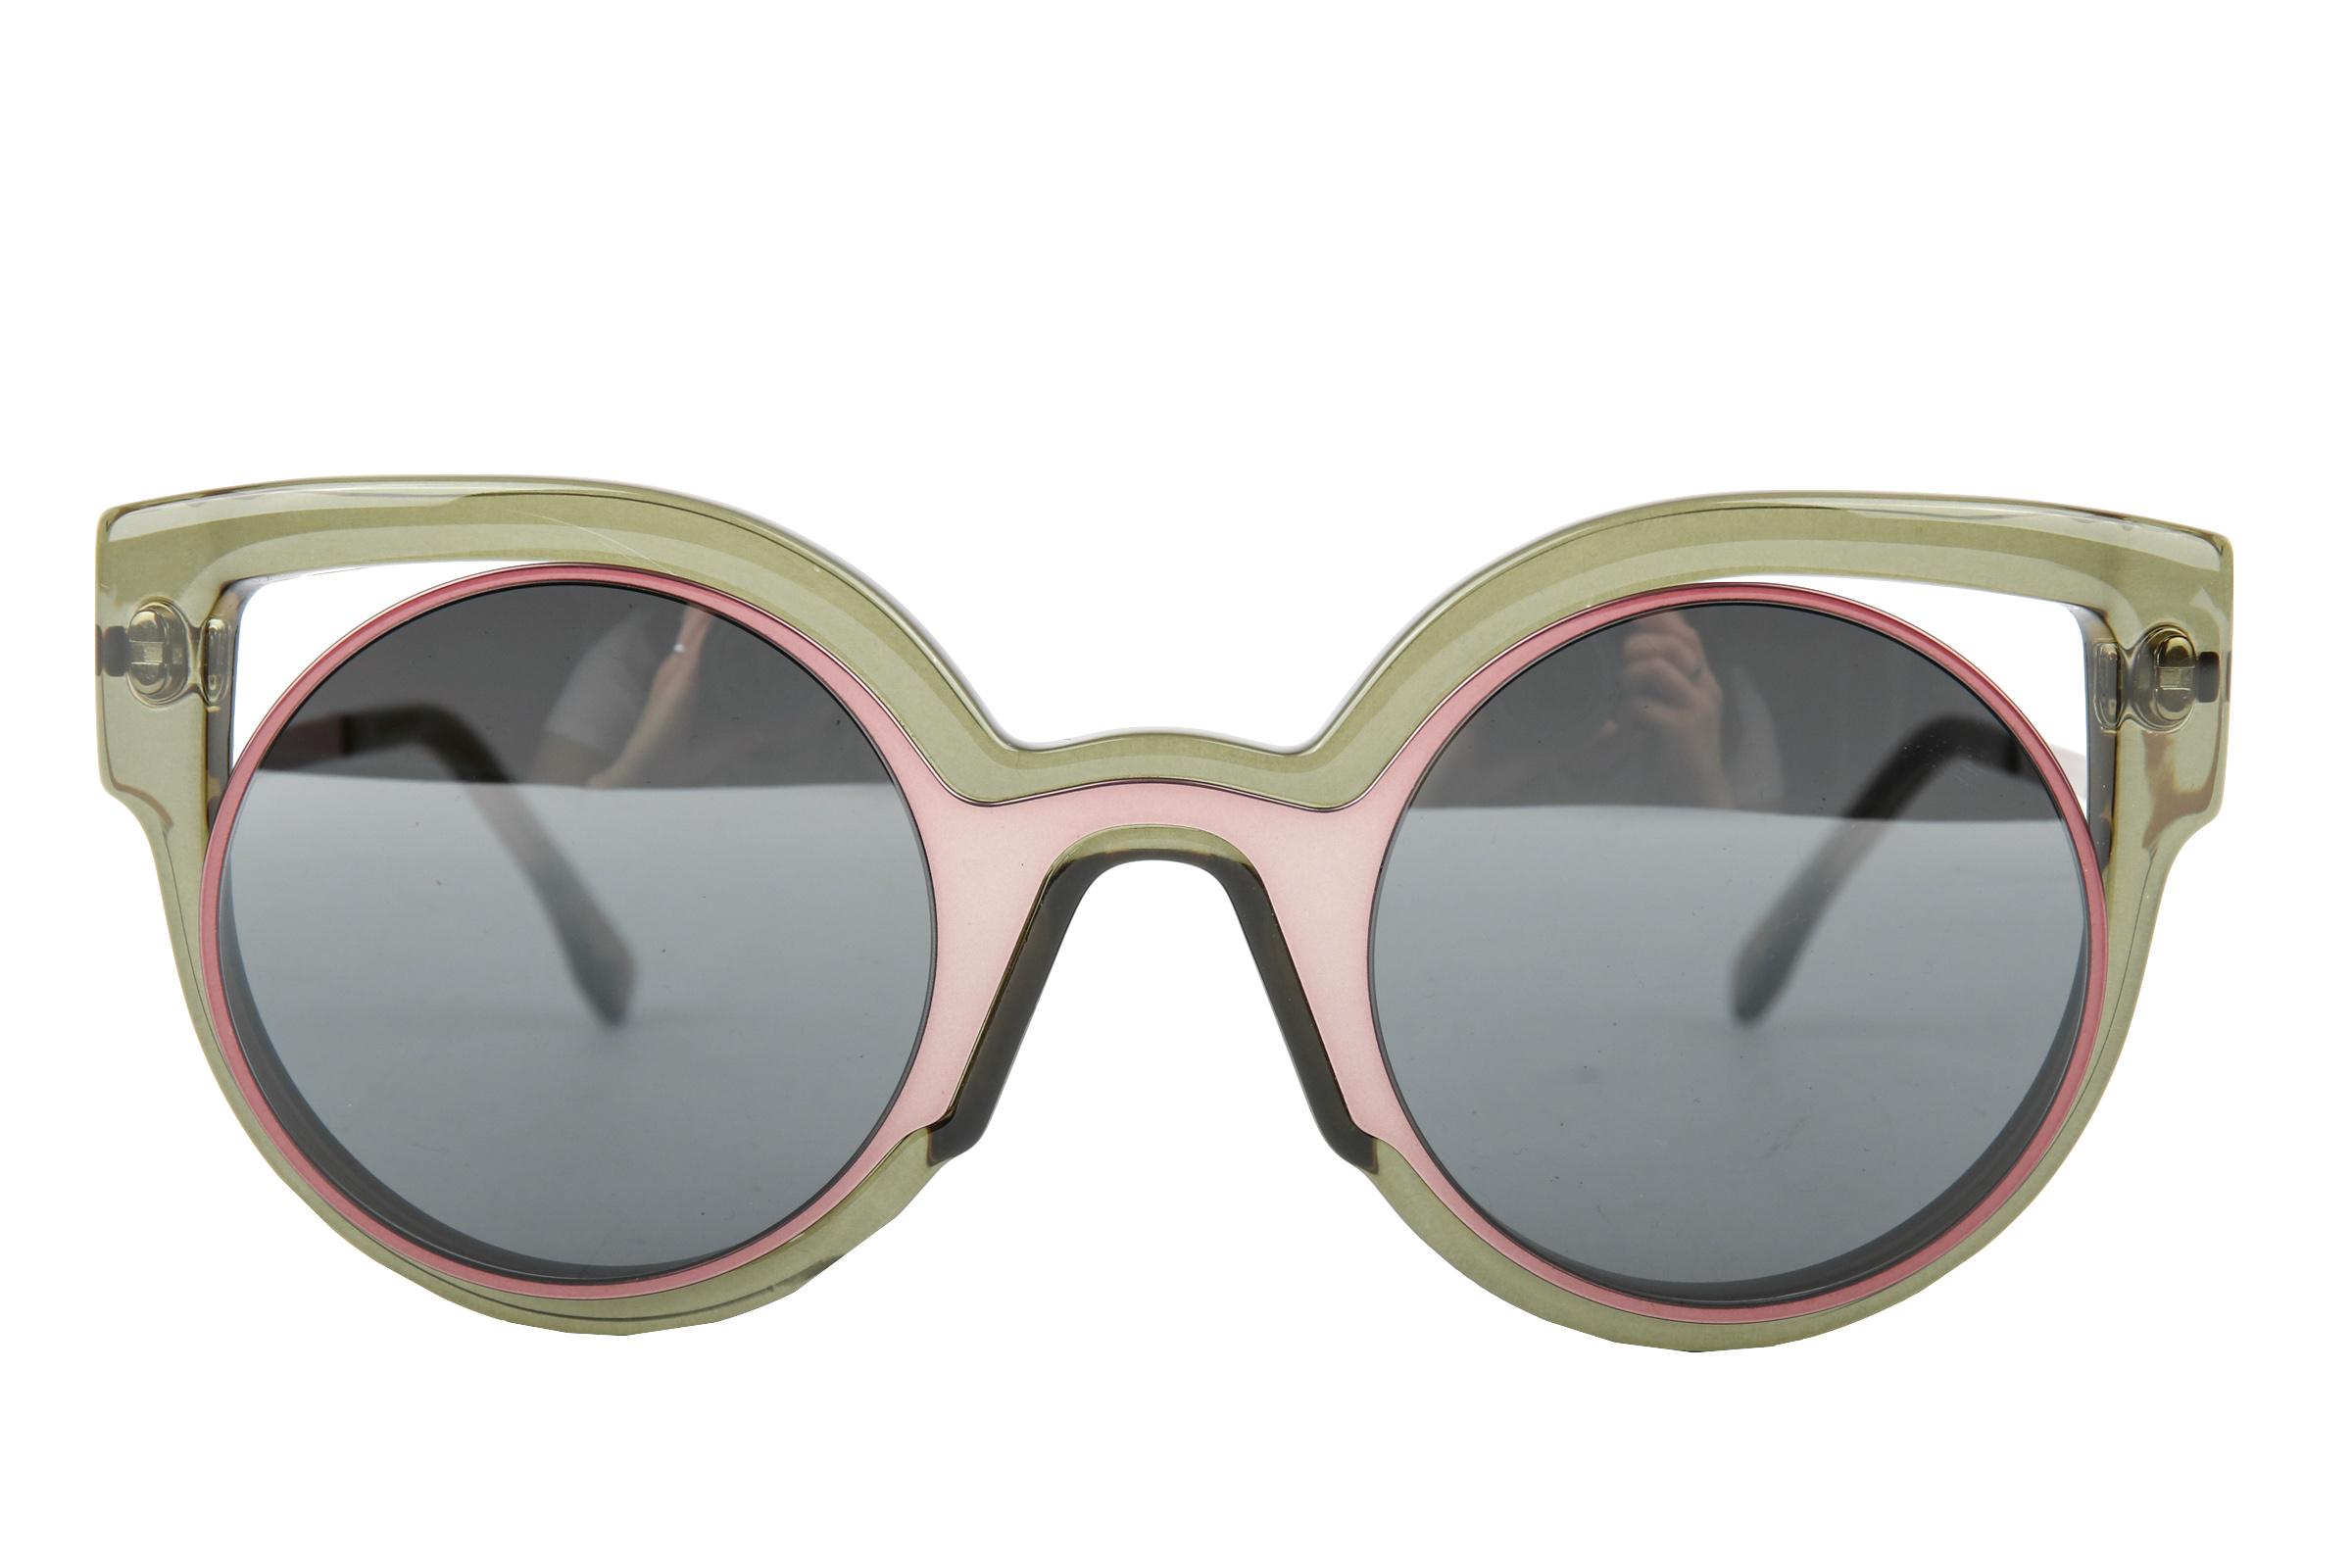 7a40d19ab3 Fendi Sonnenbrille FF 0137 S NTACN